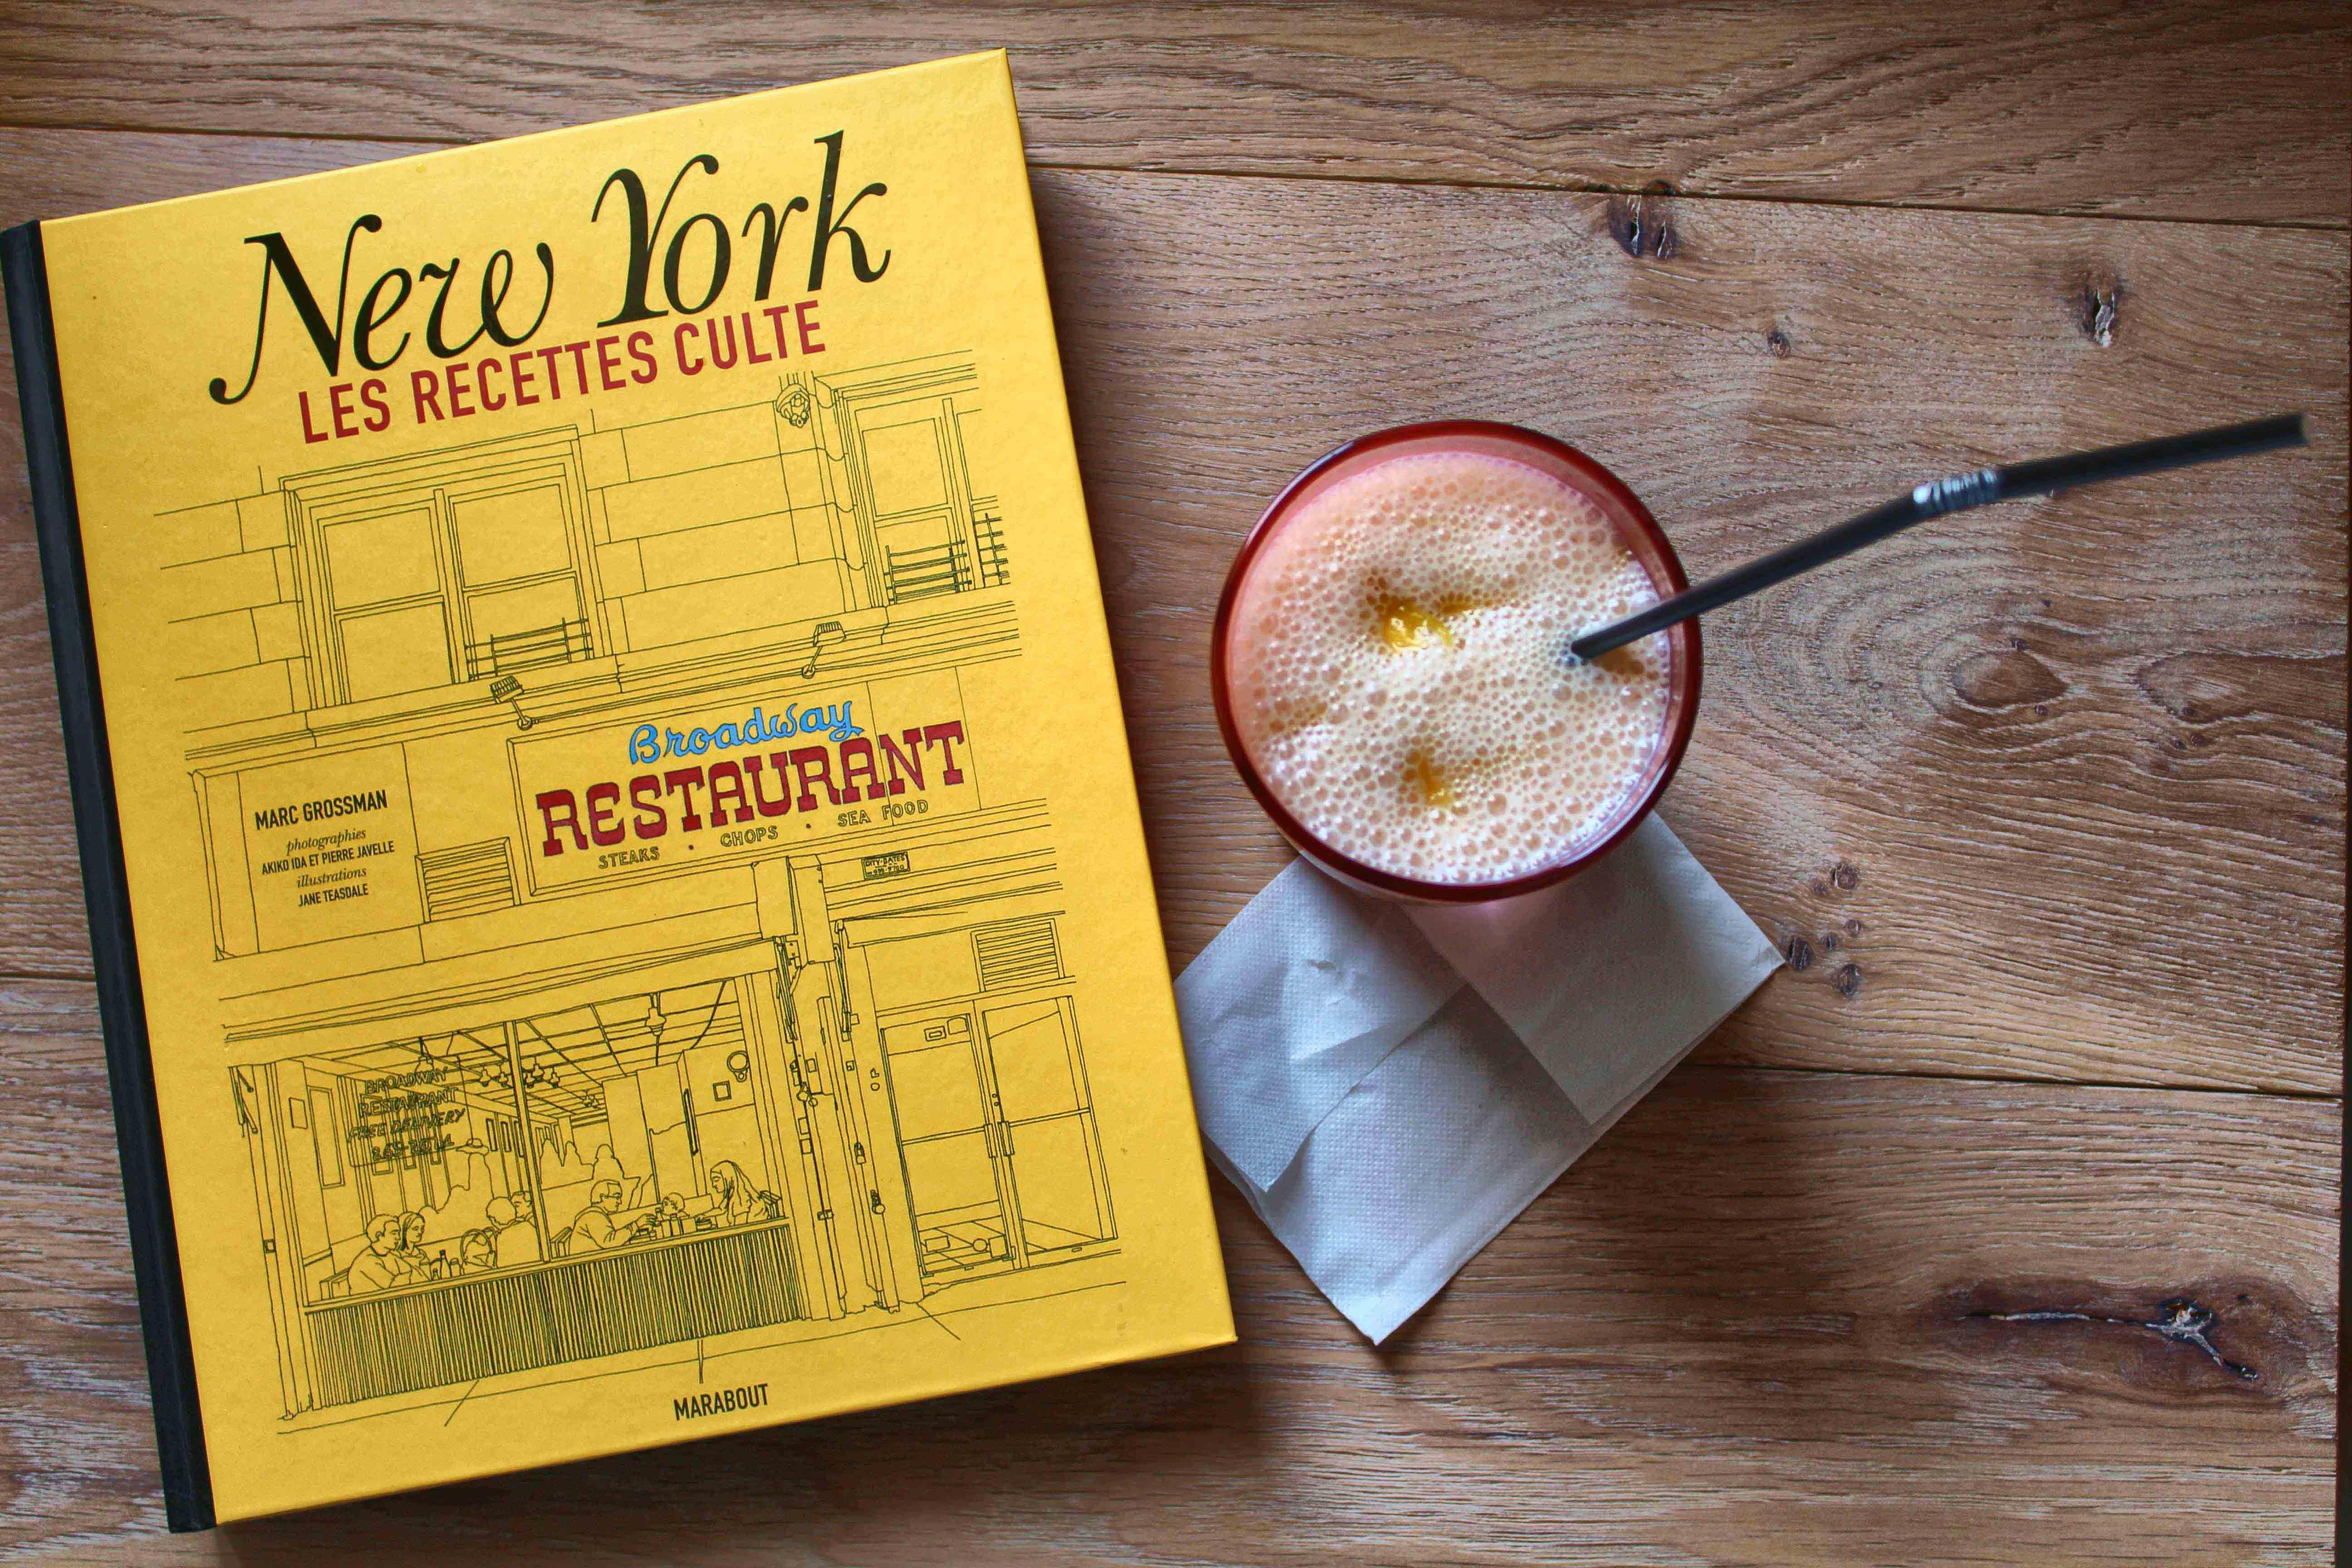 New york les recettes culte lassi la mangue - Livre cuisine marque culte ...